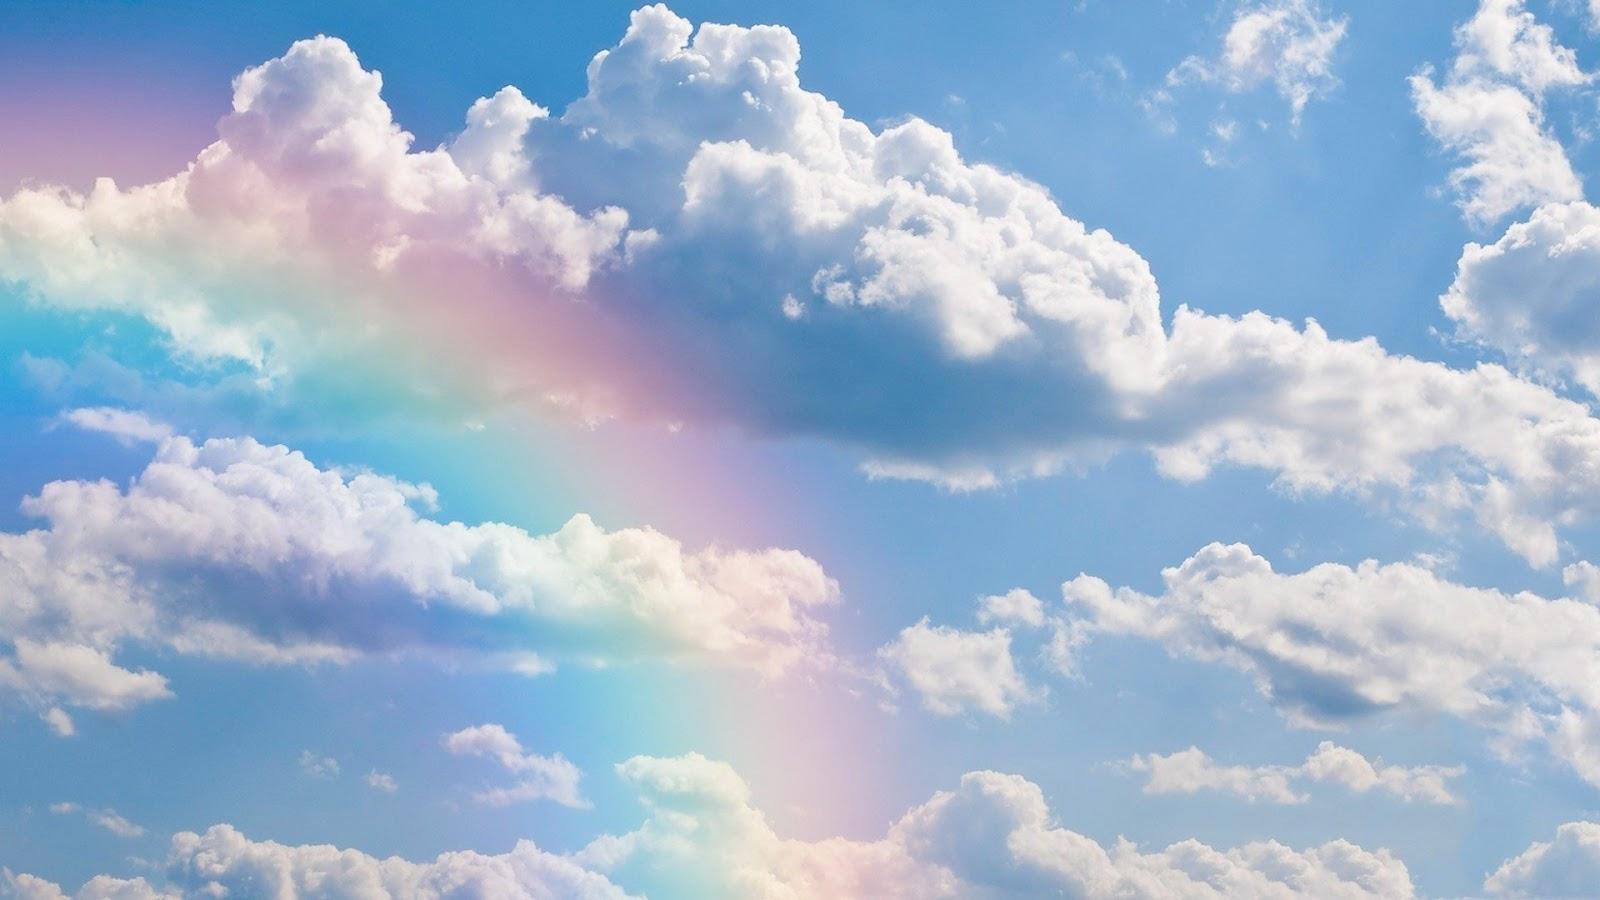 clouds wallpaper 1 clouds wallpaper 2 clouds wallpaper 3 clouds 1600x900